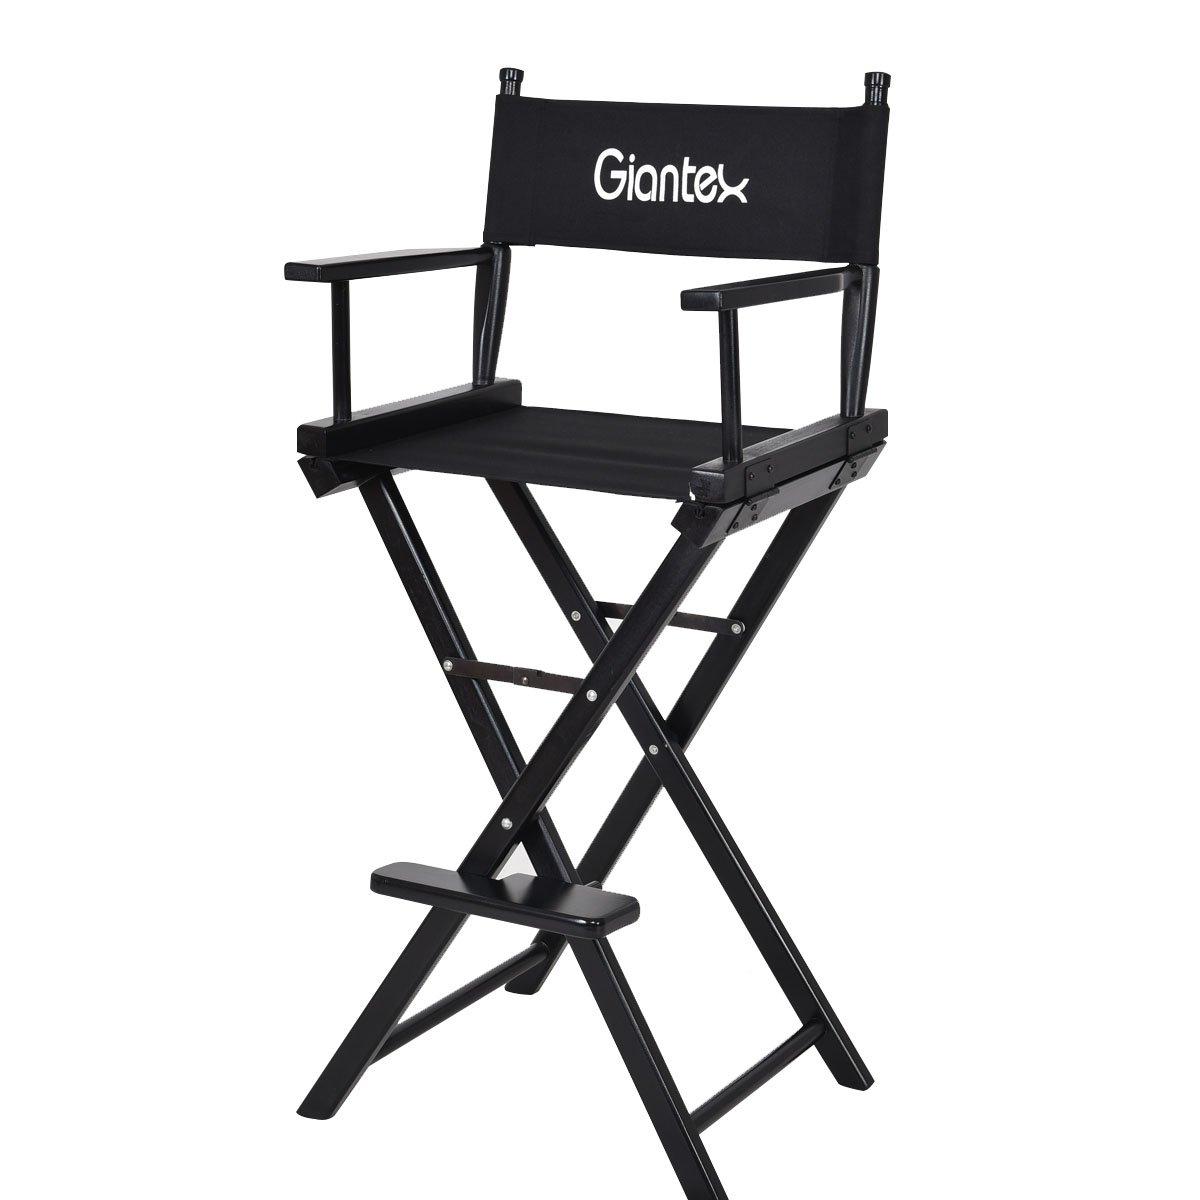 Giantex Folding Wooden Makeup Director Artist Chair Beech Wood Portable Professional (1)